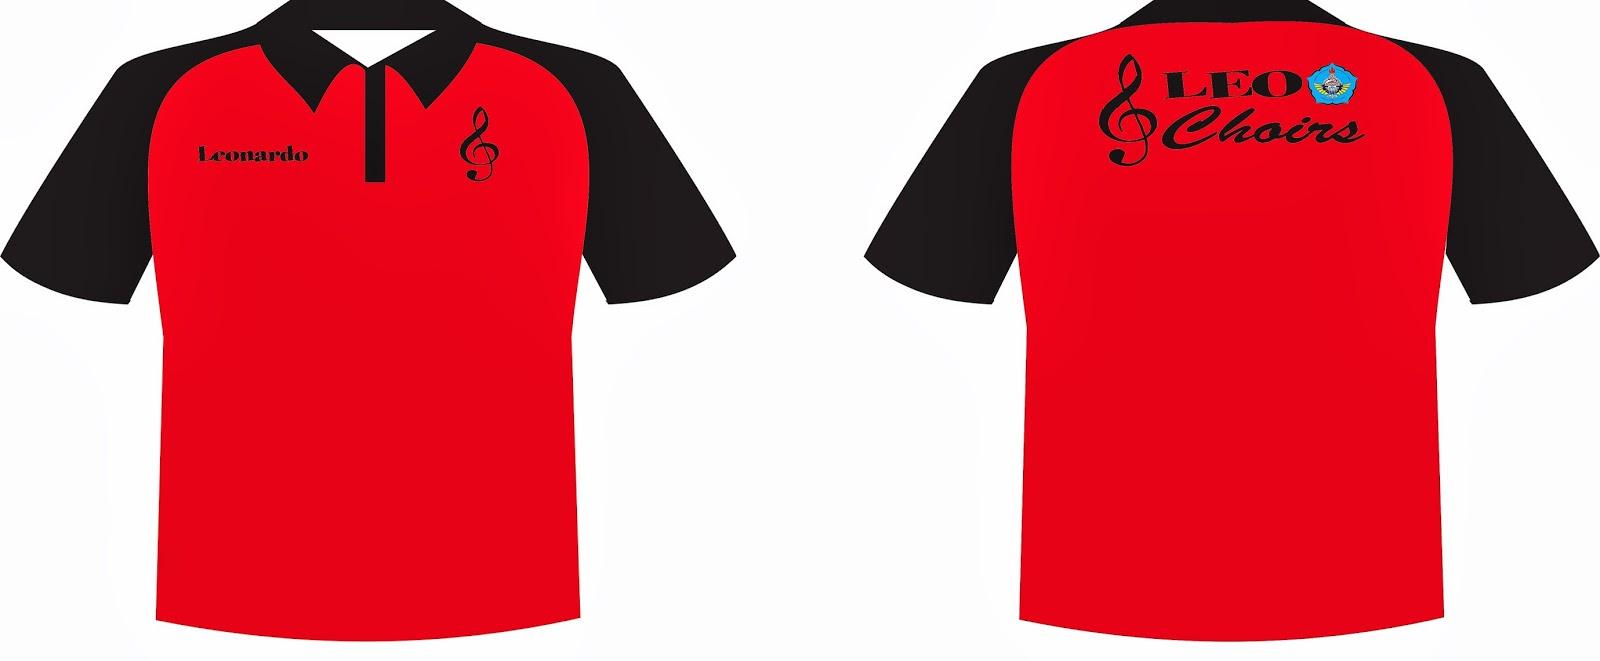 Desain t shirt kerah - Lengan Dan Kerah Berwarna Hitam Tulisan Depan Dan Belakang Bordir Wallpaper Koleksi Desain Kaos